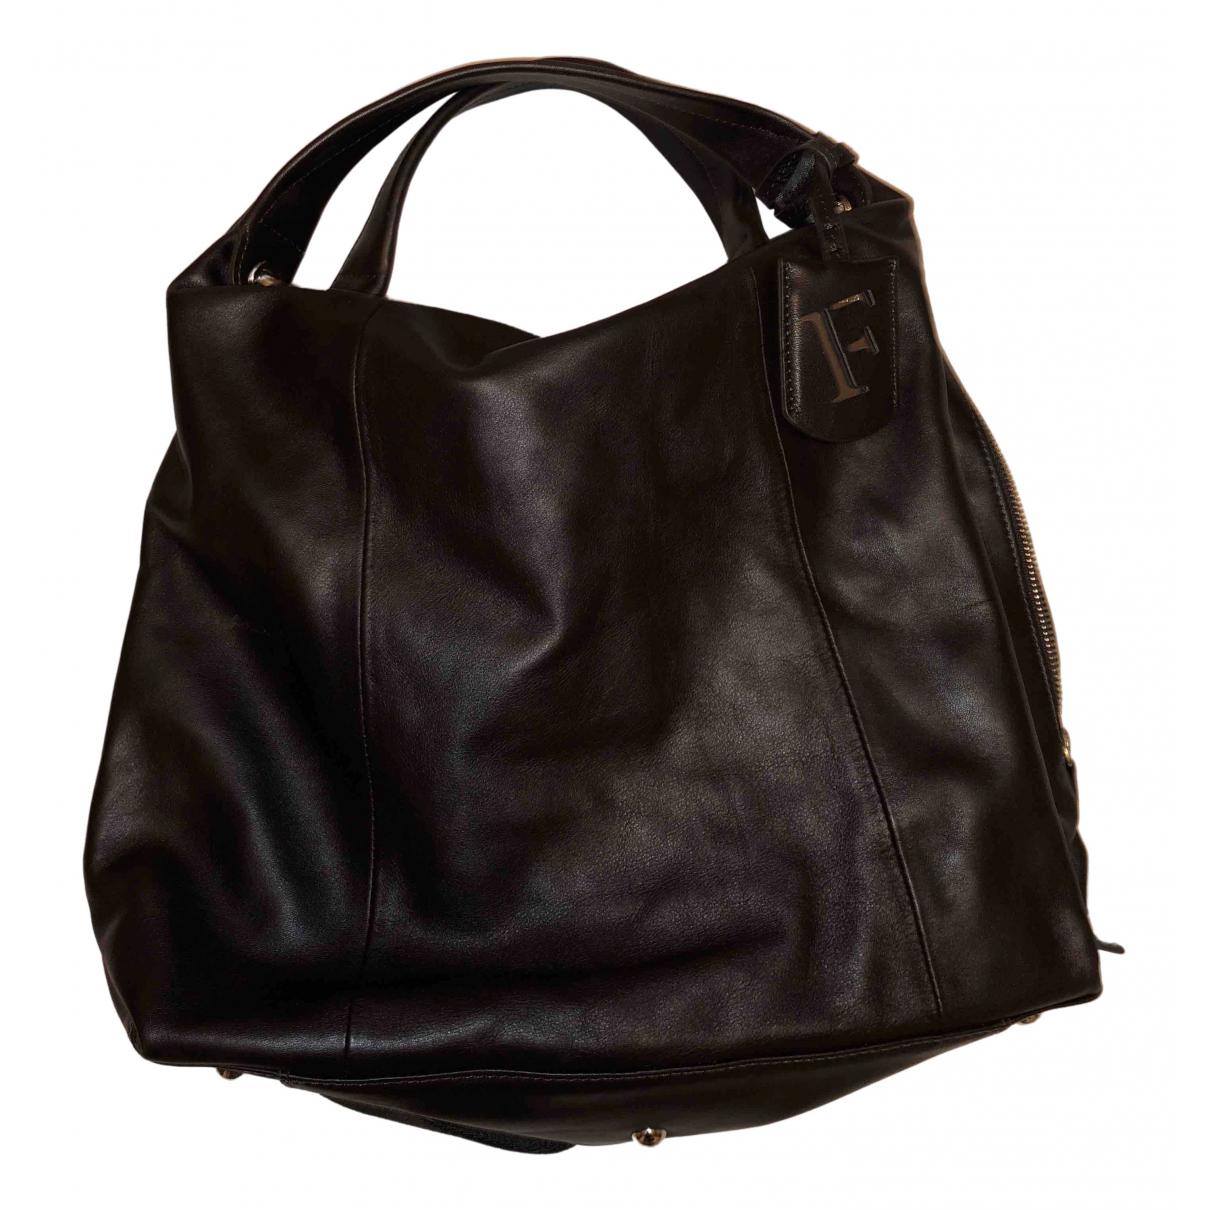 Furla N Brown Leather handbag for Women N